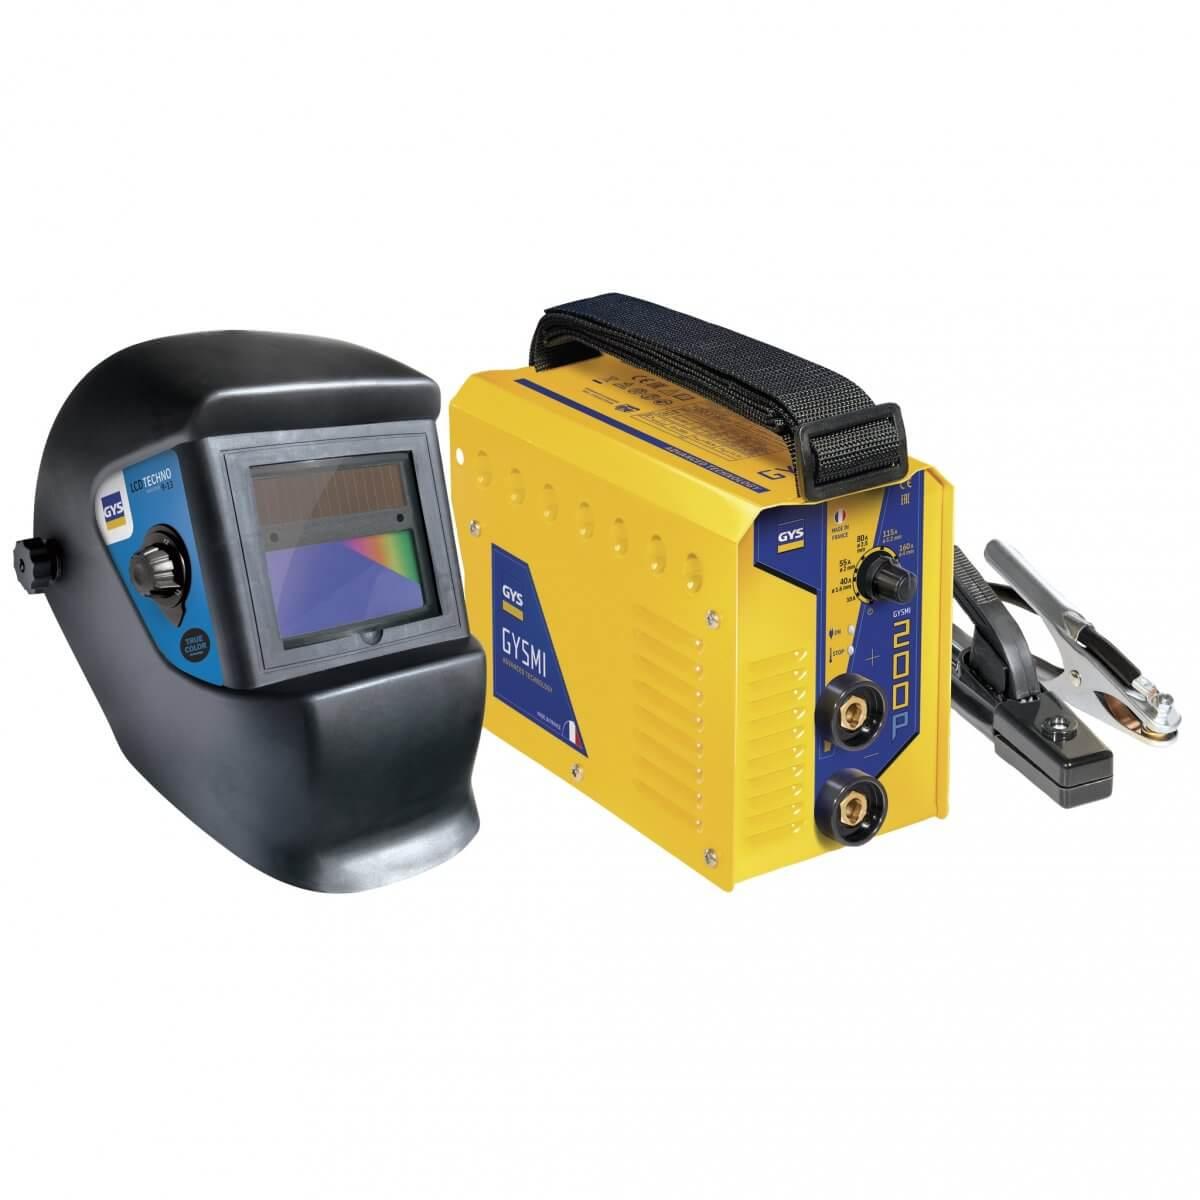 Poste à souder GYSMI 200P + masque LCD TECHNO 9/13 TRUE COLOR - GYS